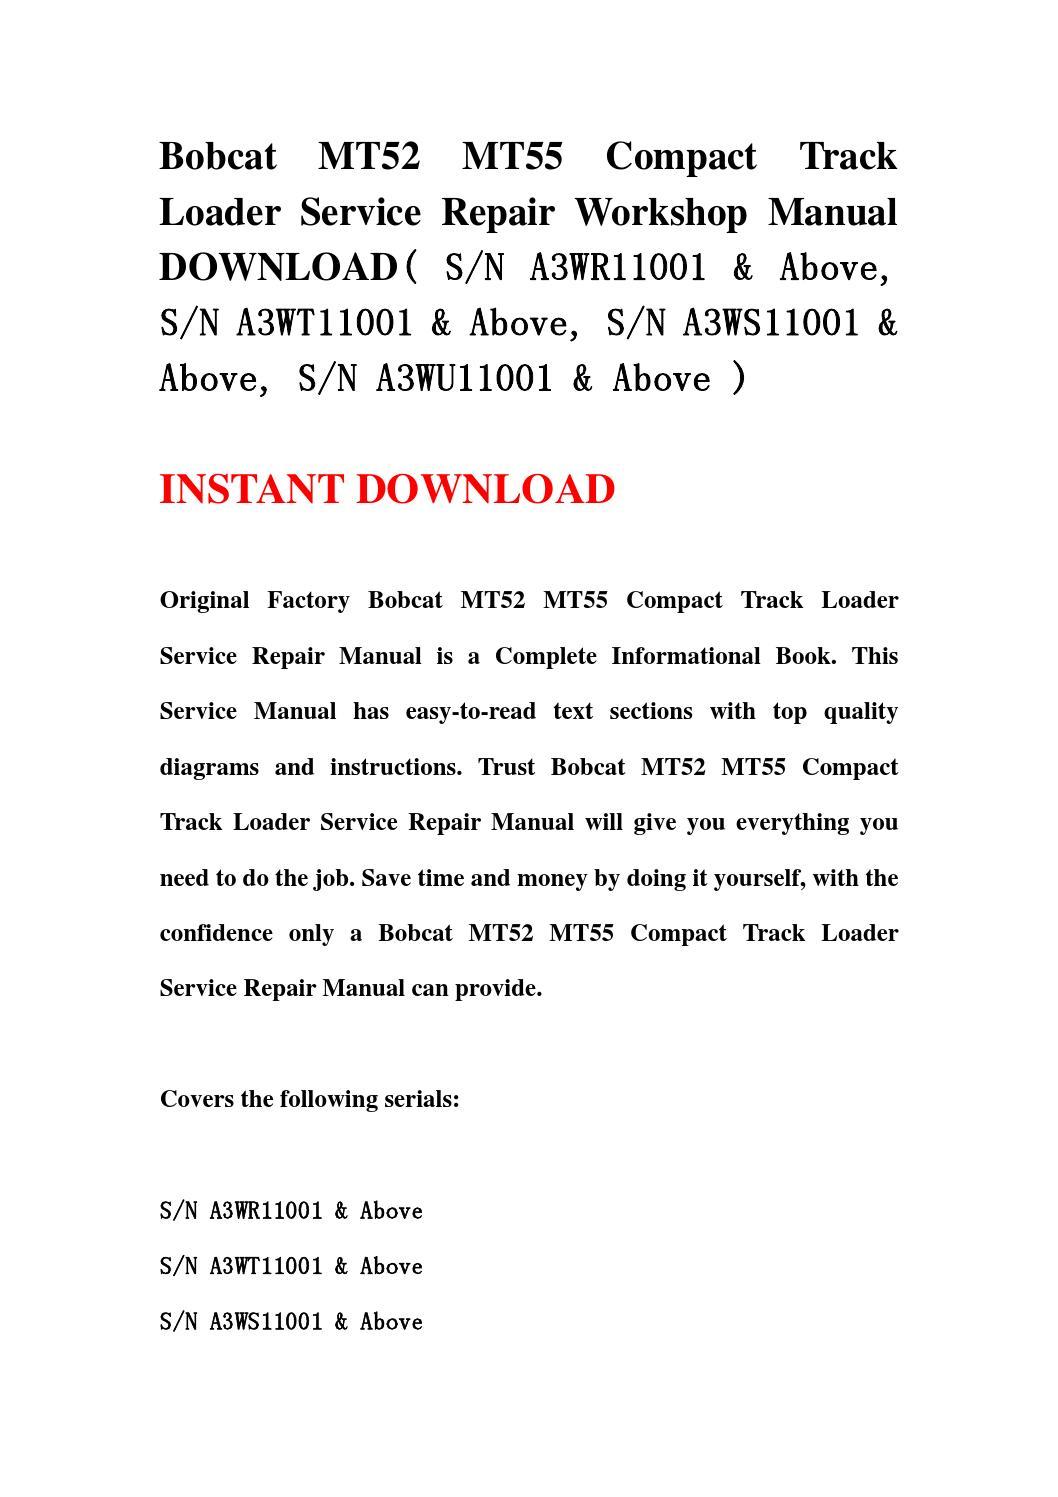 bobcat mt52 service manual pdf